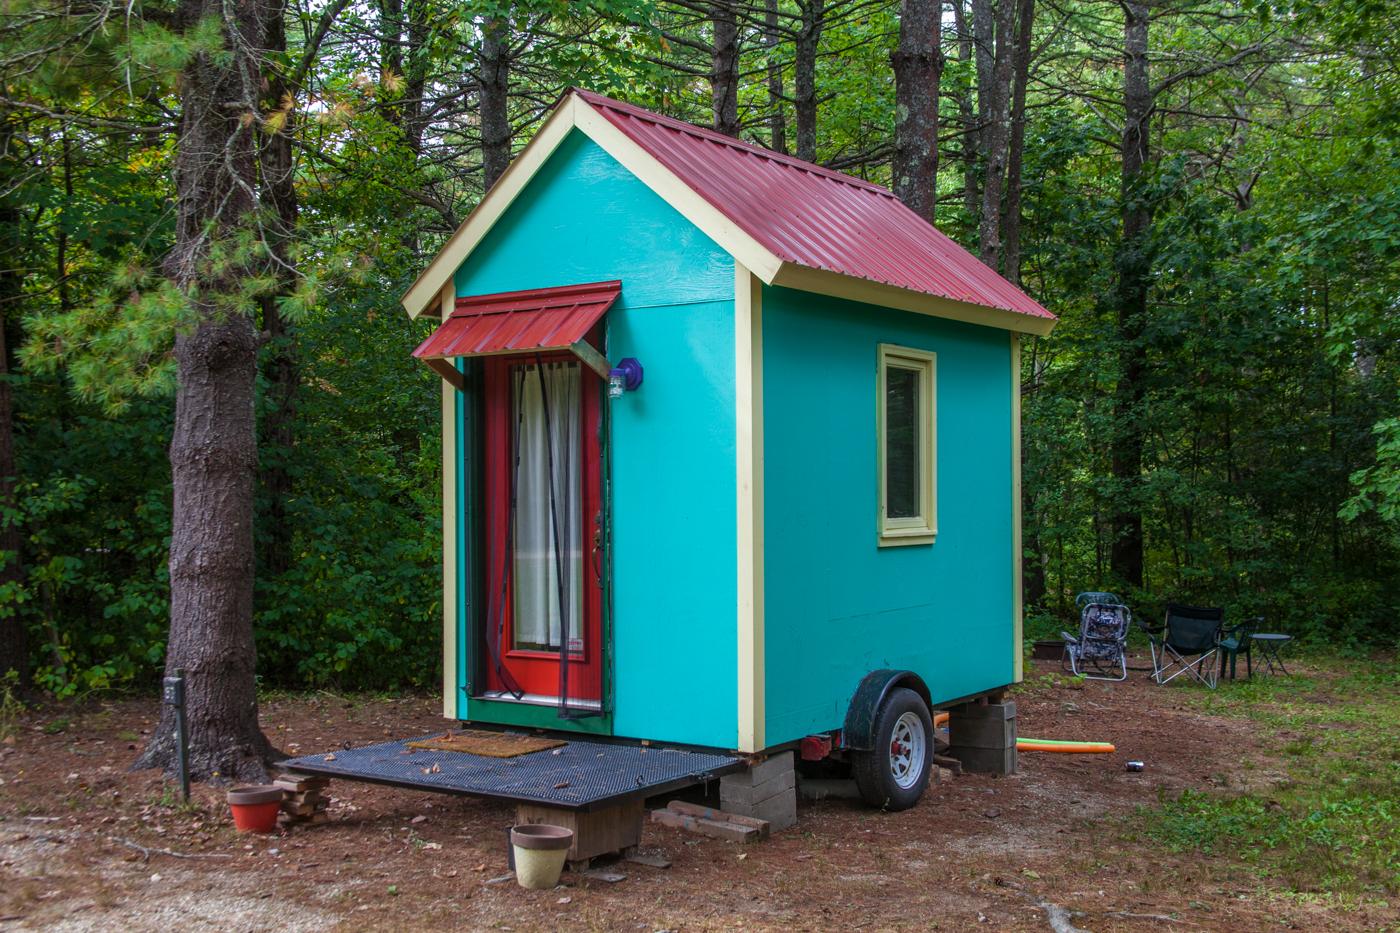 klein wonen als nieuwe trend bond beter leefmilieu. Black Bedroom Furniture Sets. Home Design Ideas